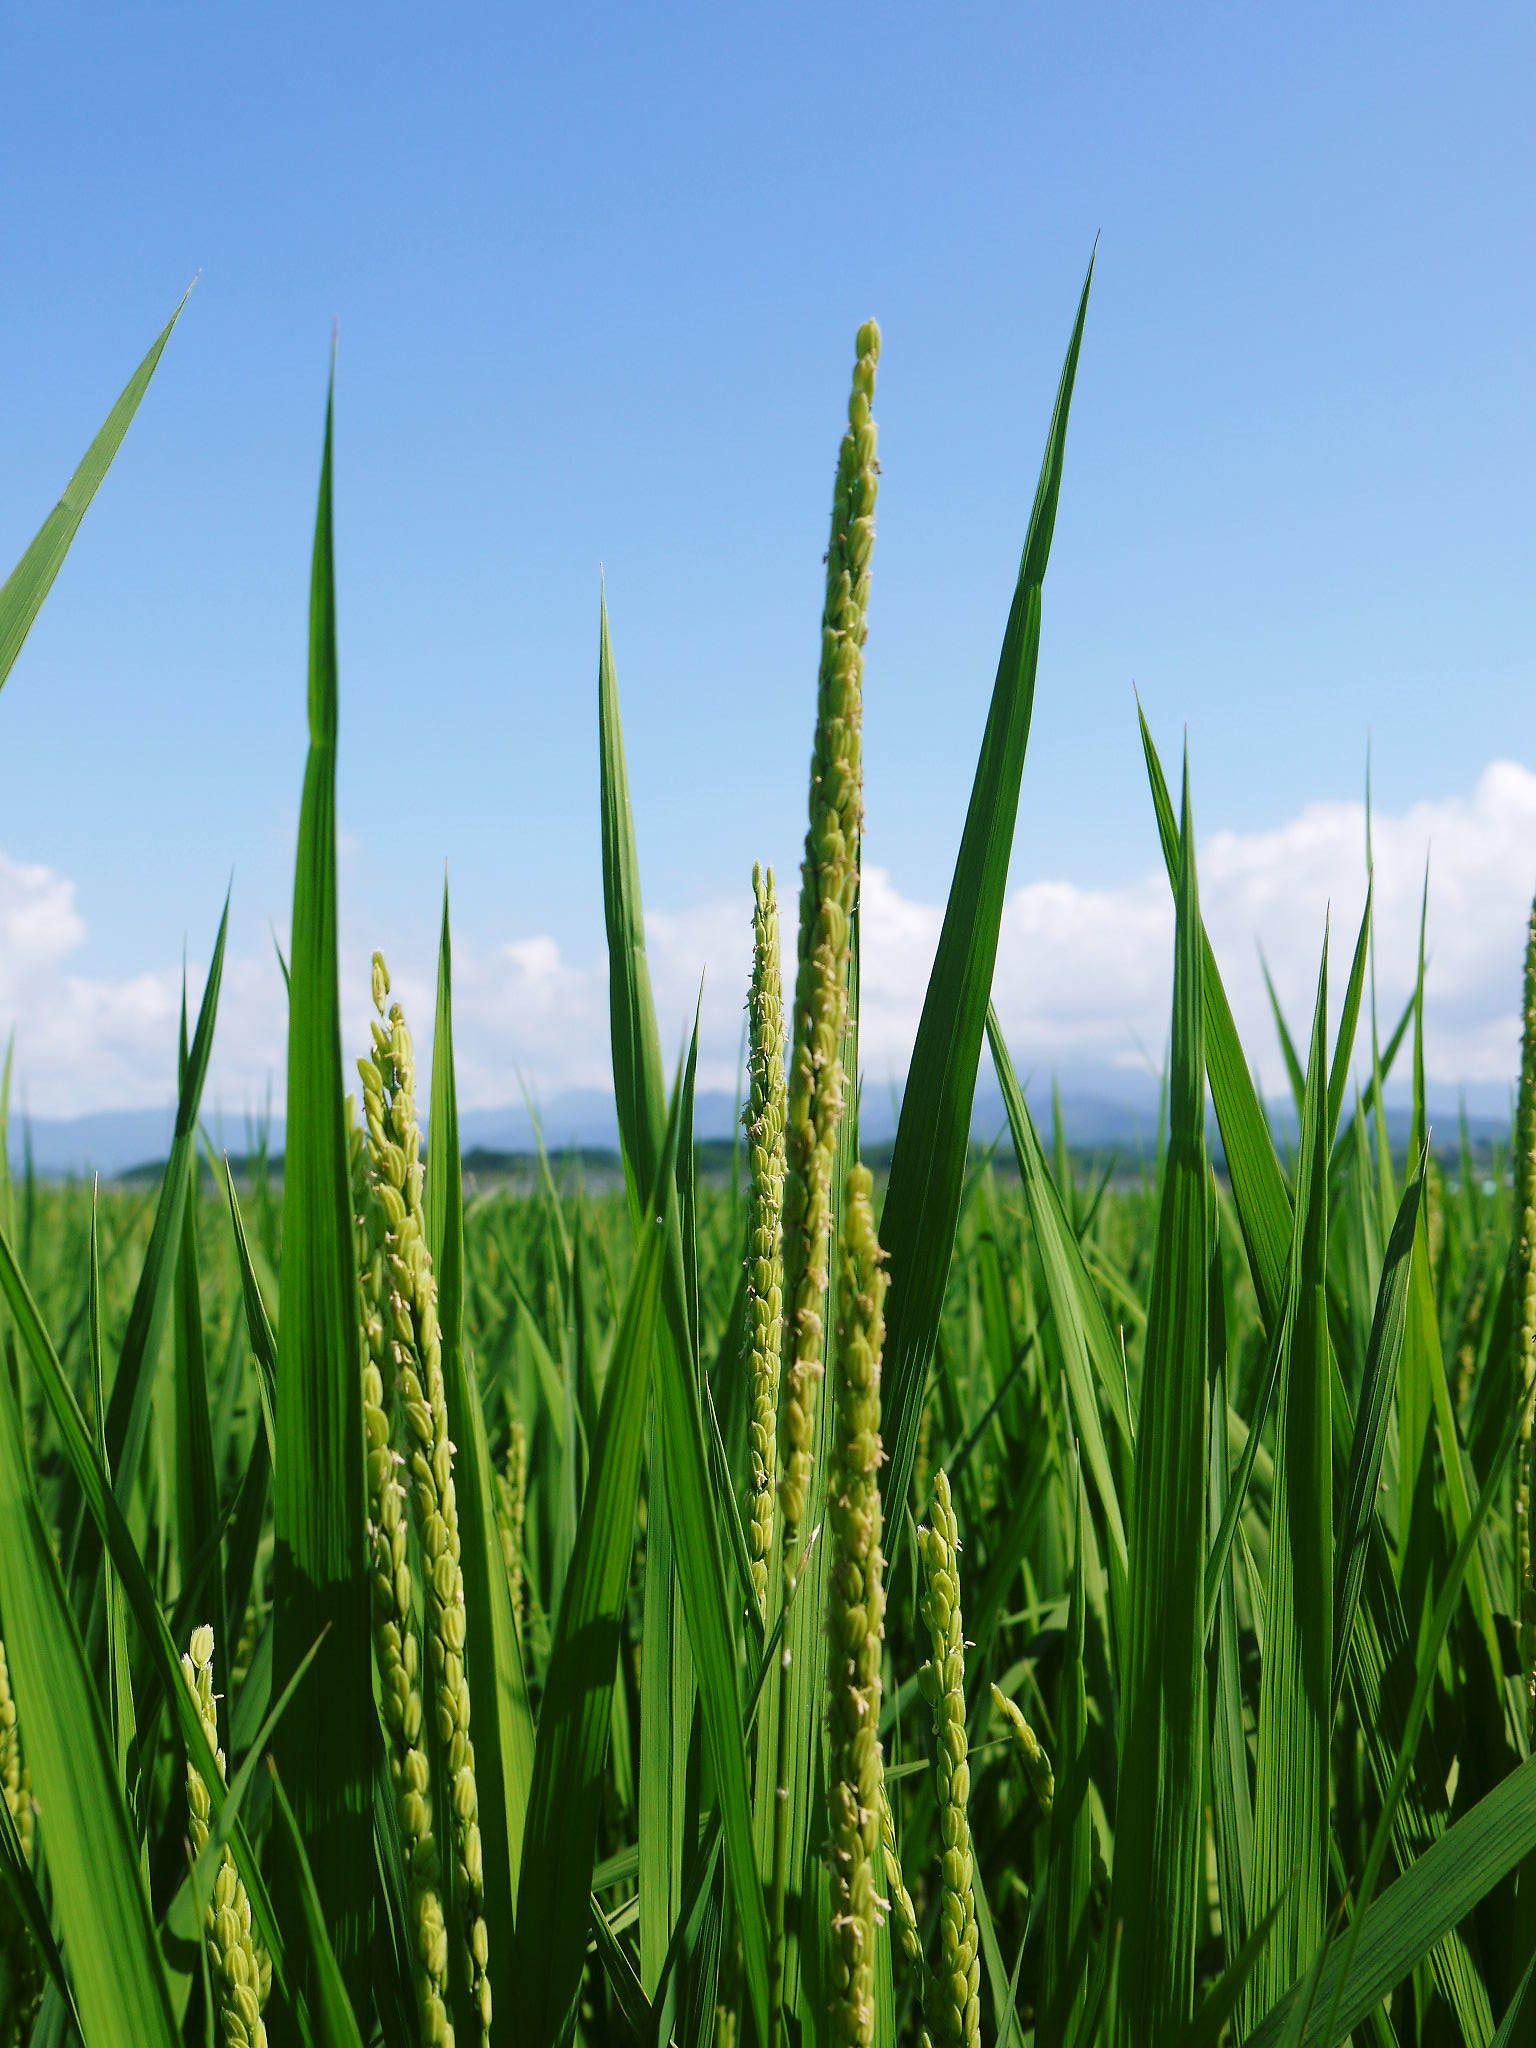 砂田米 花から頭を垂れ始めるまで!今年も順調に黄金色に色づき始めました! 令和3年度も減農薬栽培です!_a0254656_19271031.jpg